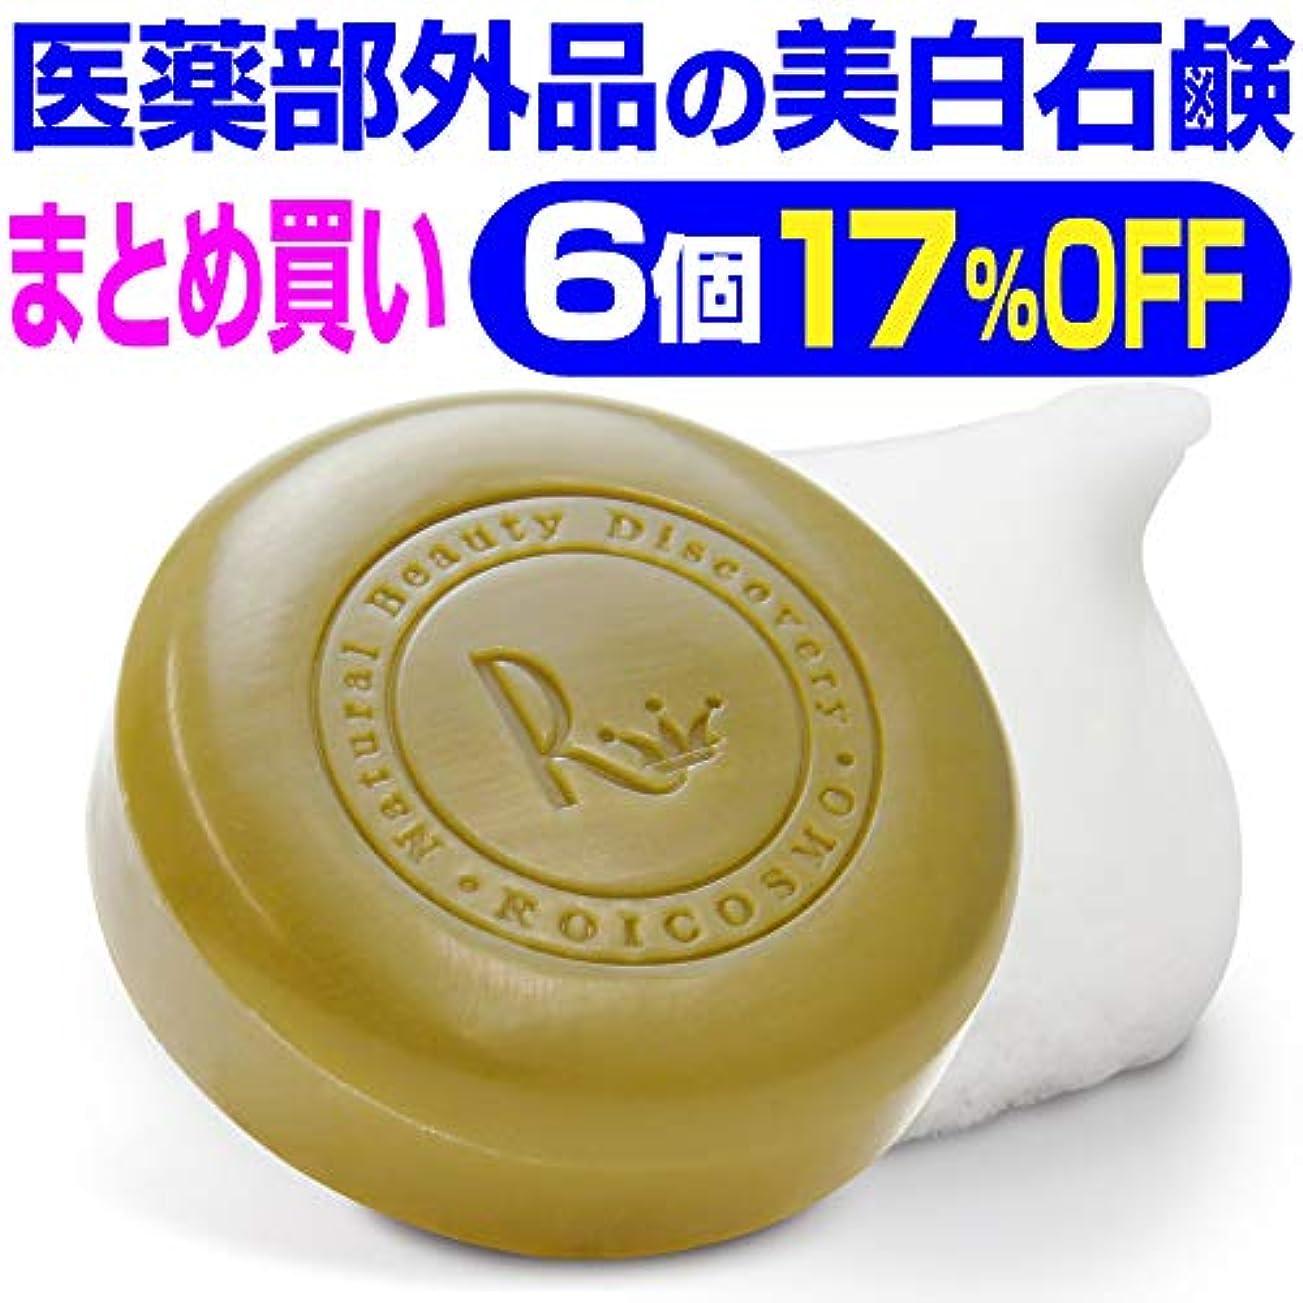 自動気絶させる複雑な6個まとめ買い17%OFF 美白石鹸/ビタミンC270倍の美白成分配合の 洗顔石鹸『ホワイトソープ100g×6個』